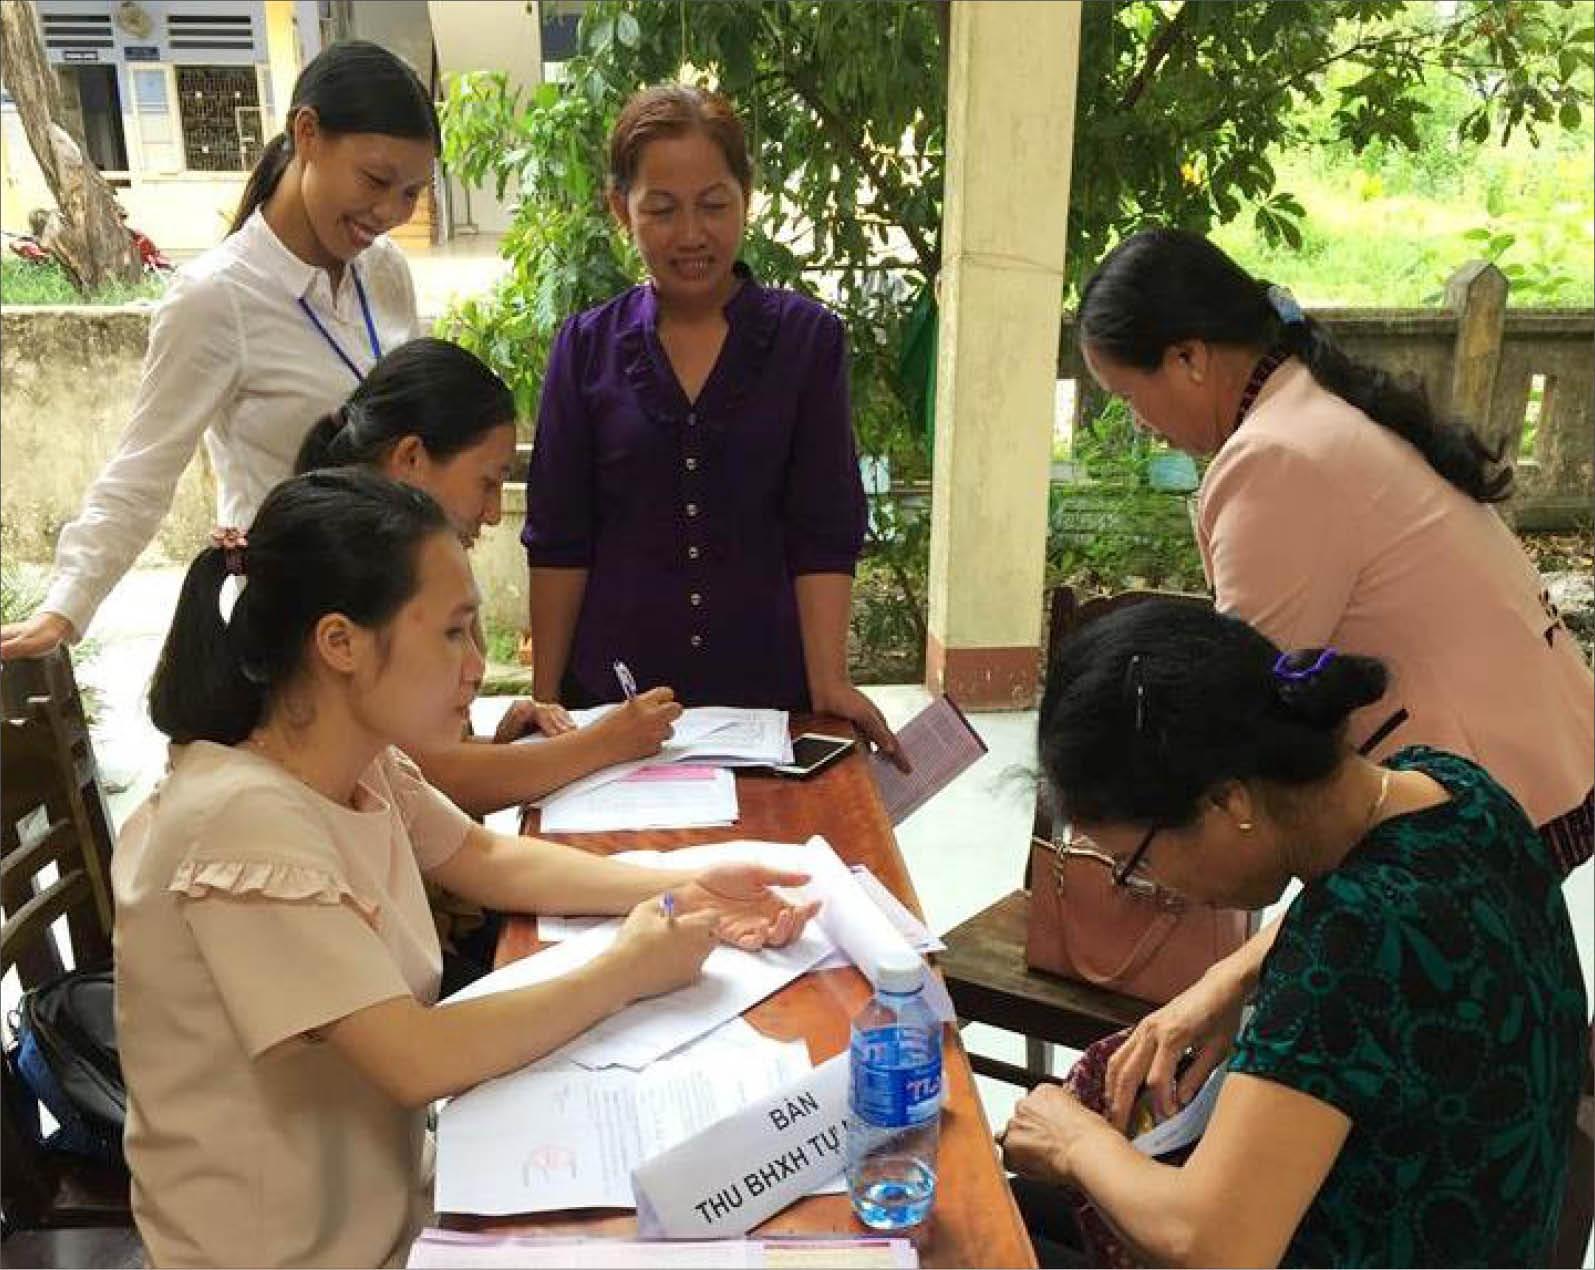 Những bất cập trong thực hiện bảo hiểm xã hội khu vực Hợp tác xã ở Bắc Ninh (14/5/2019)